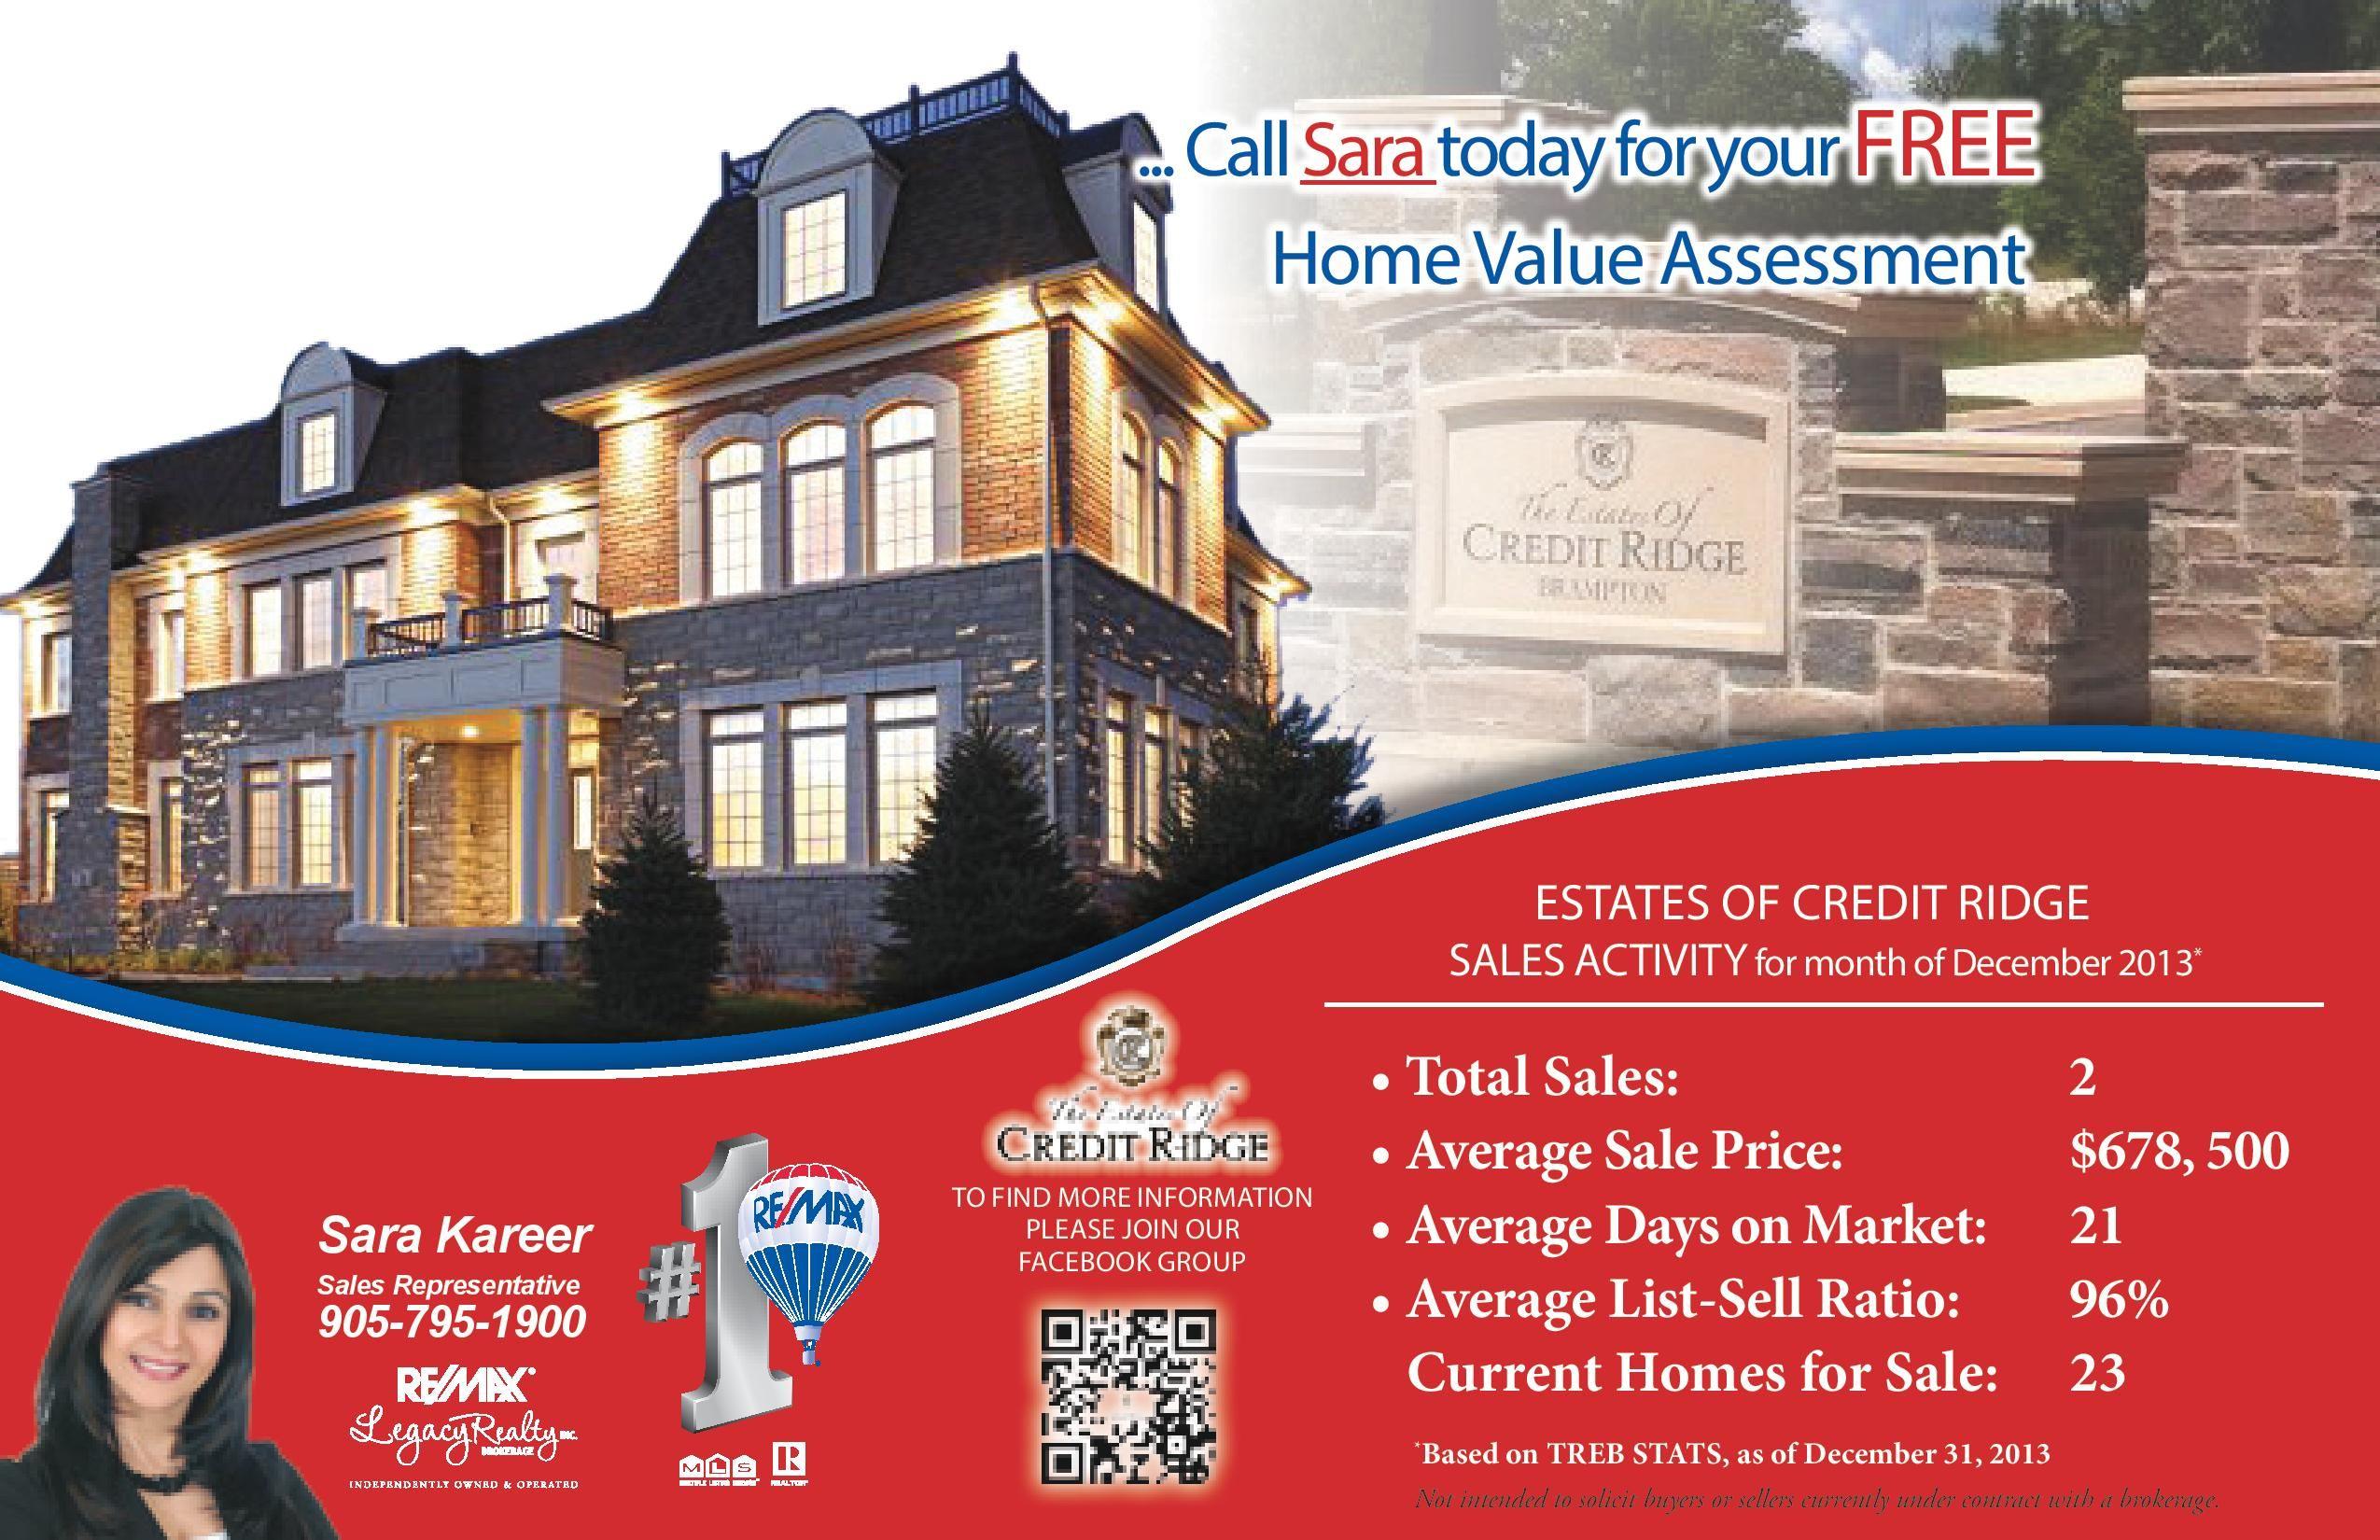 Homes For Sale Estates Of Credit Ridge Brampton December 2013 Brampton Estates Home Buying